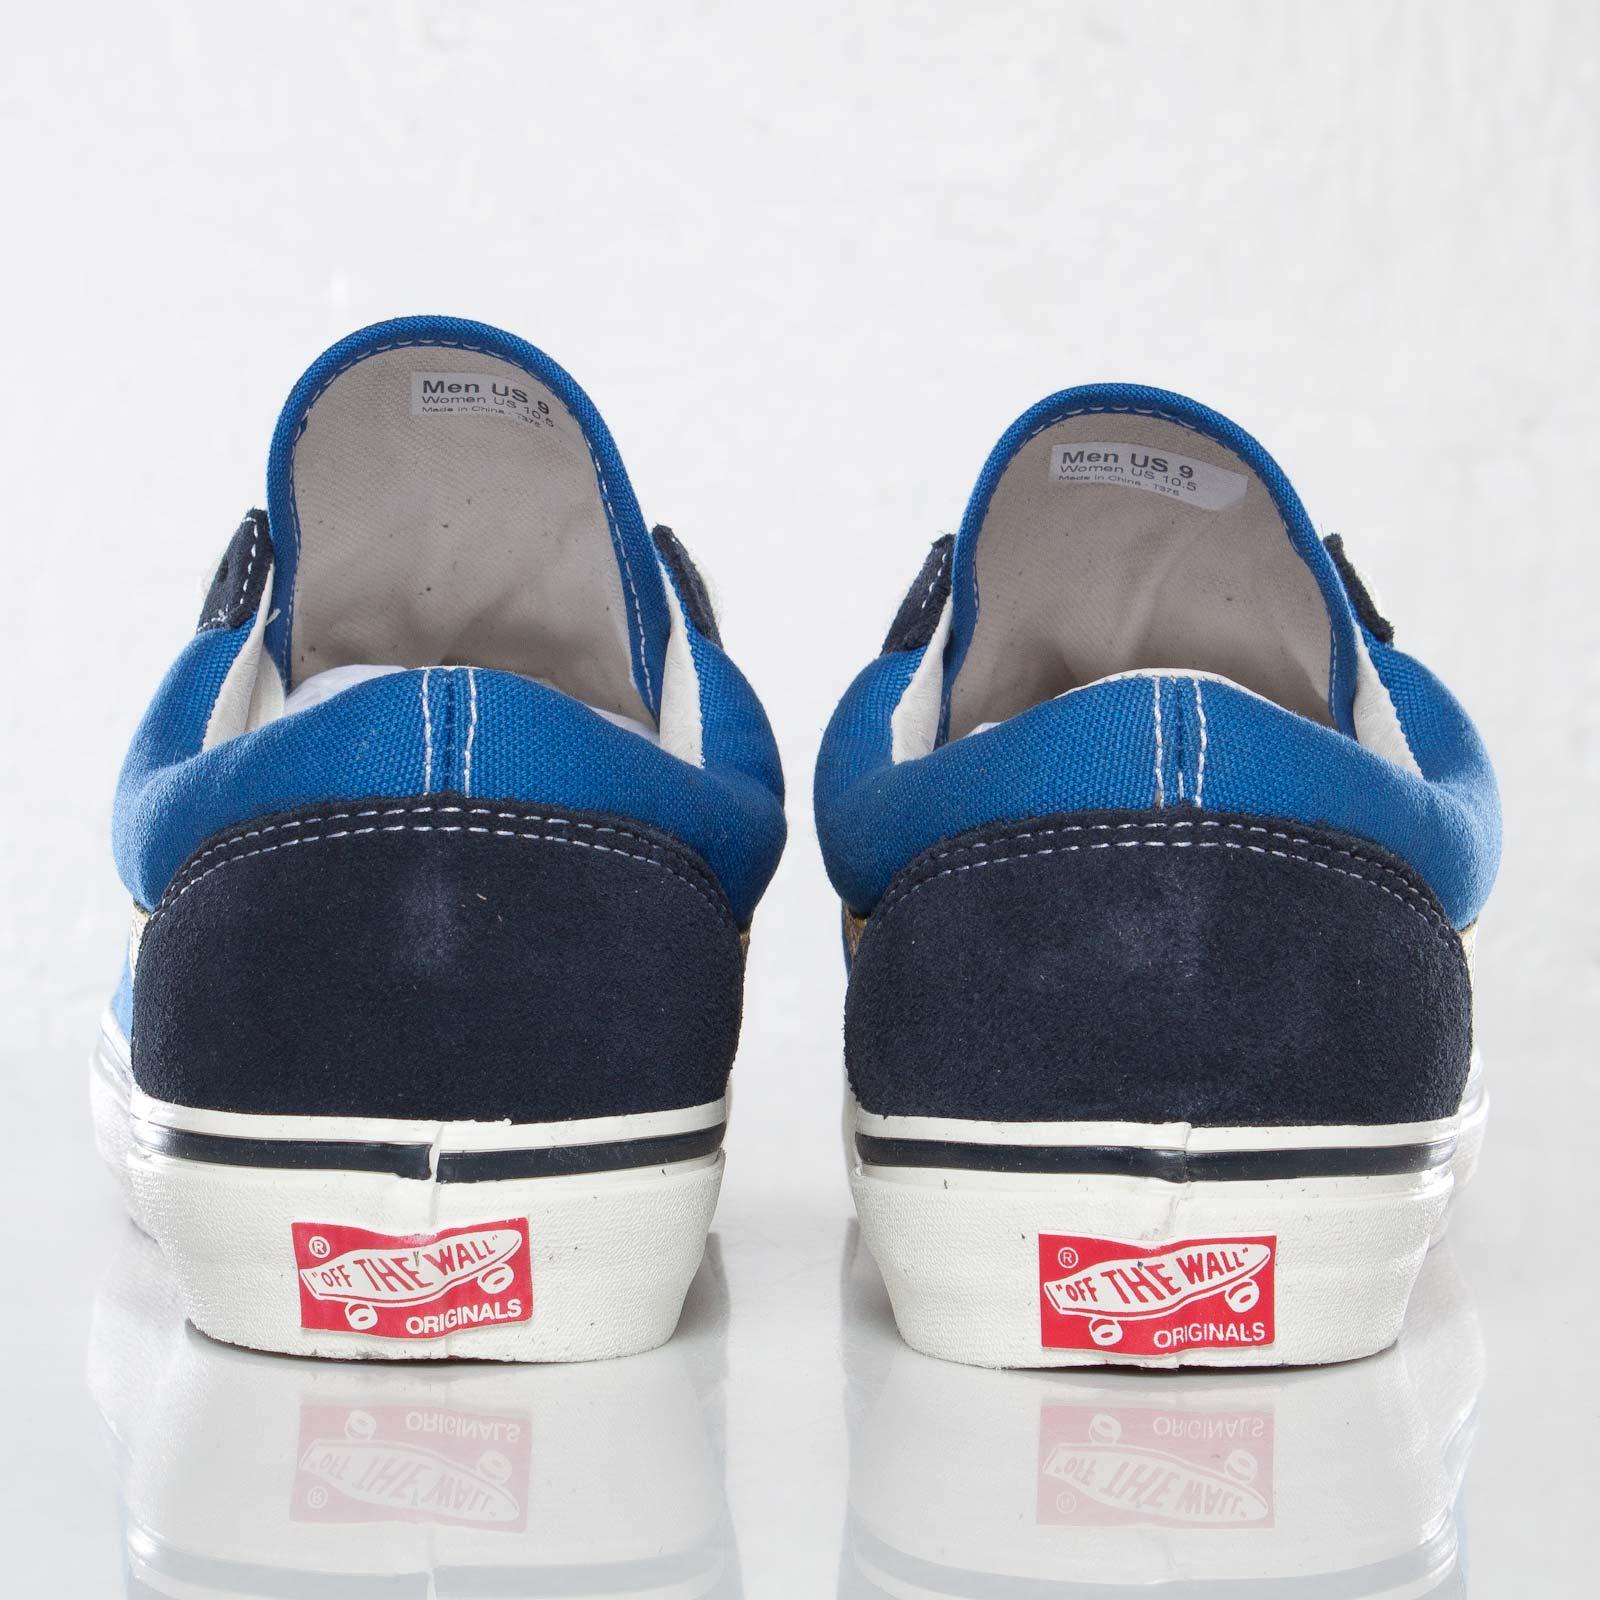 Vans OG Style 36 LX Sf57sn Sneakersnstuff   sneakers